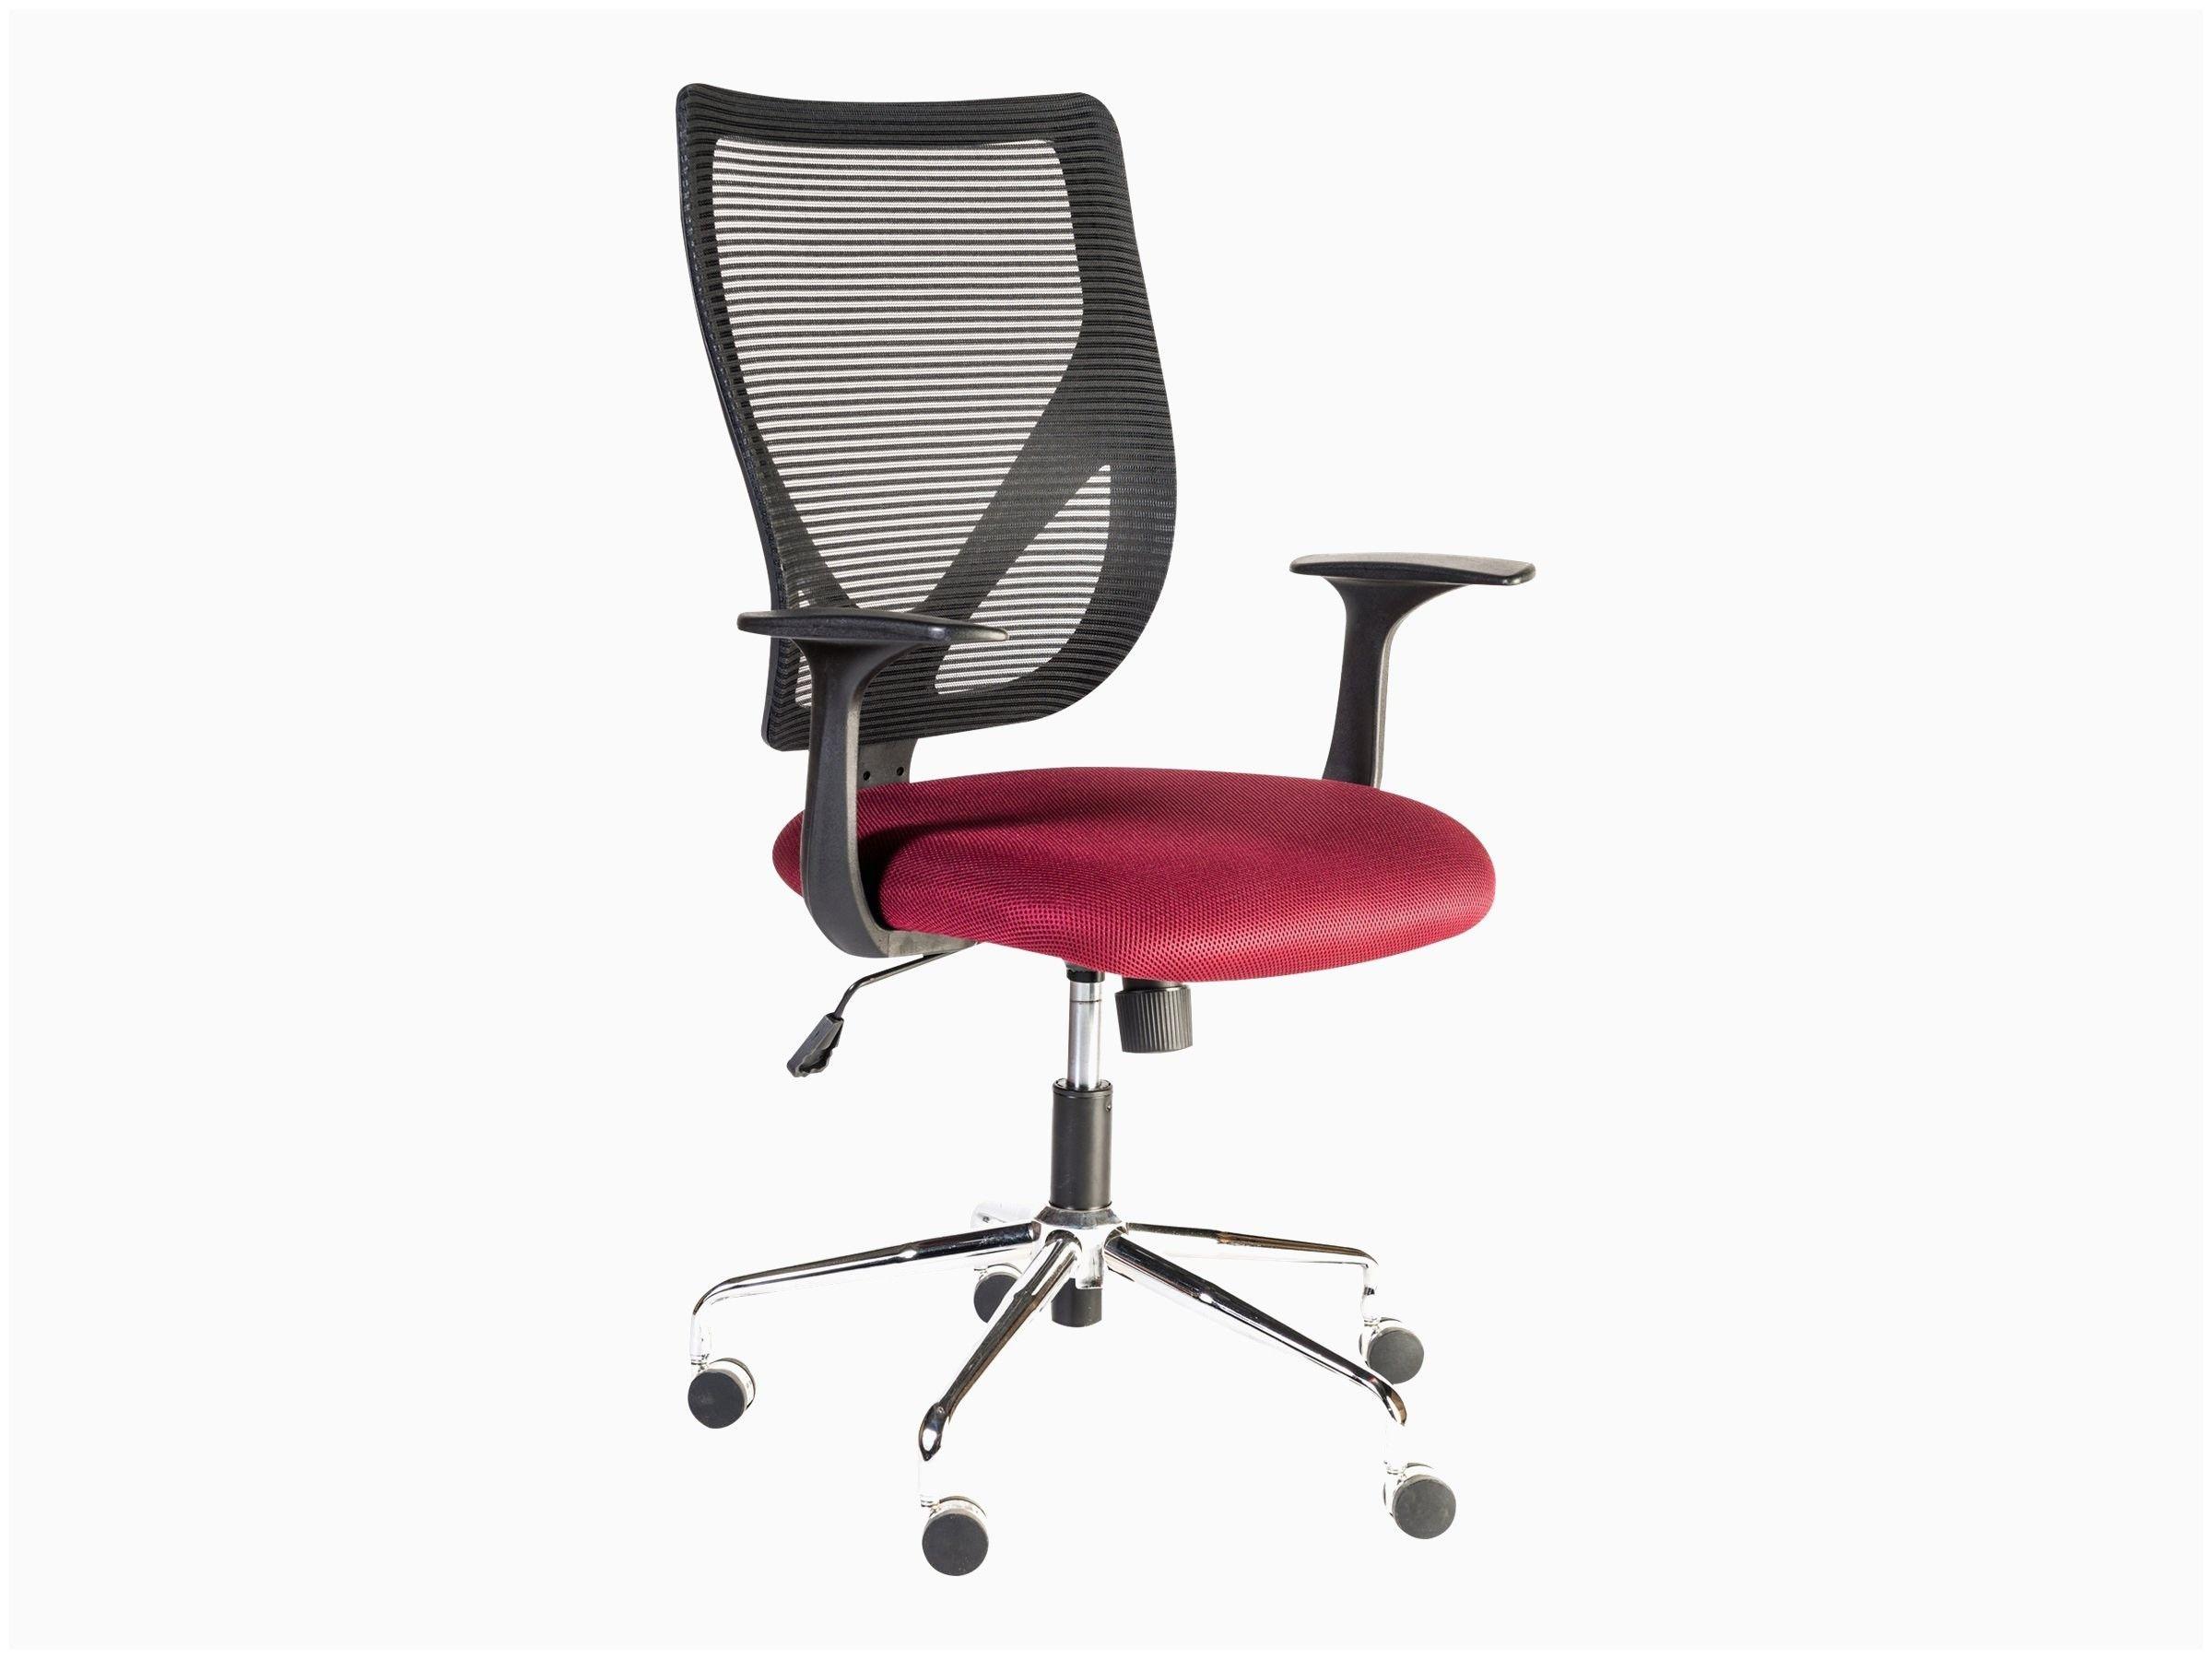 28 Luxe Chaise Patchwork Ikea Idees Inspirantes Fauteuil De Bureau Ergonomique Fauteuil Bureau Meuble De Bureau Ikea